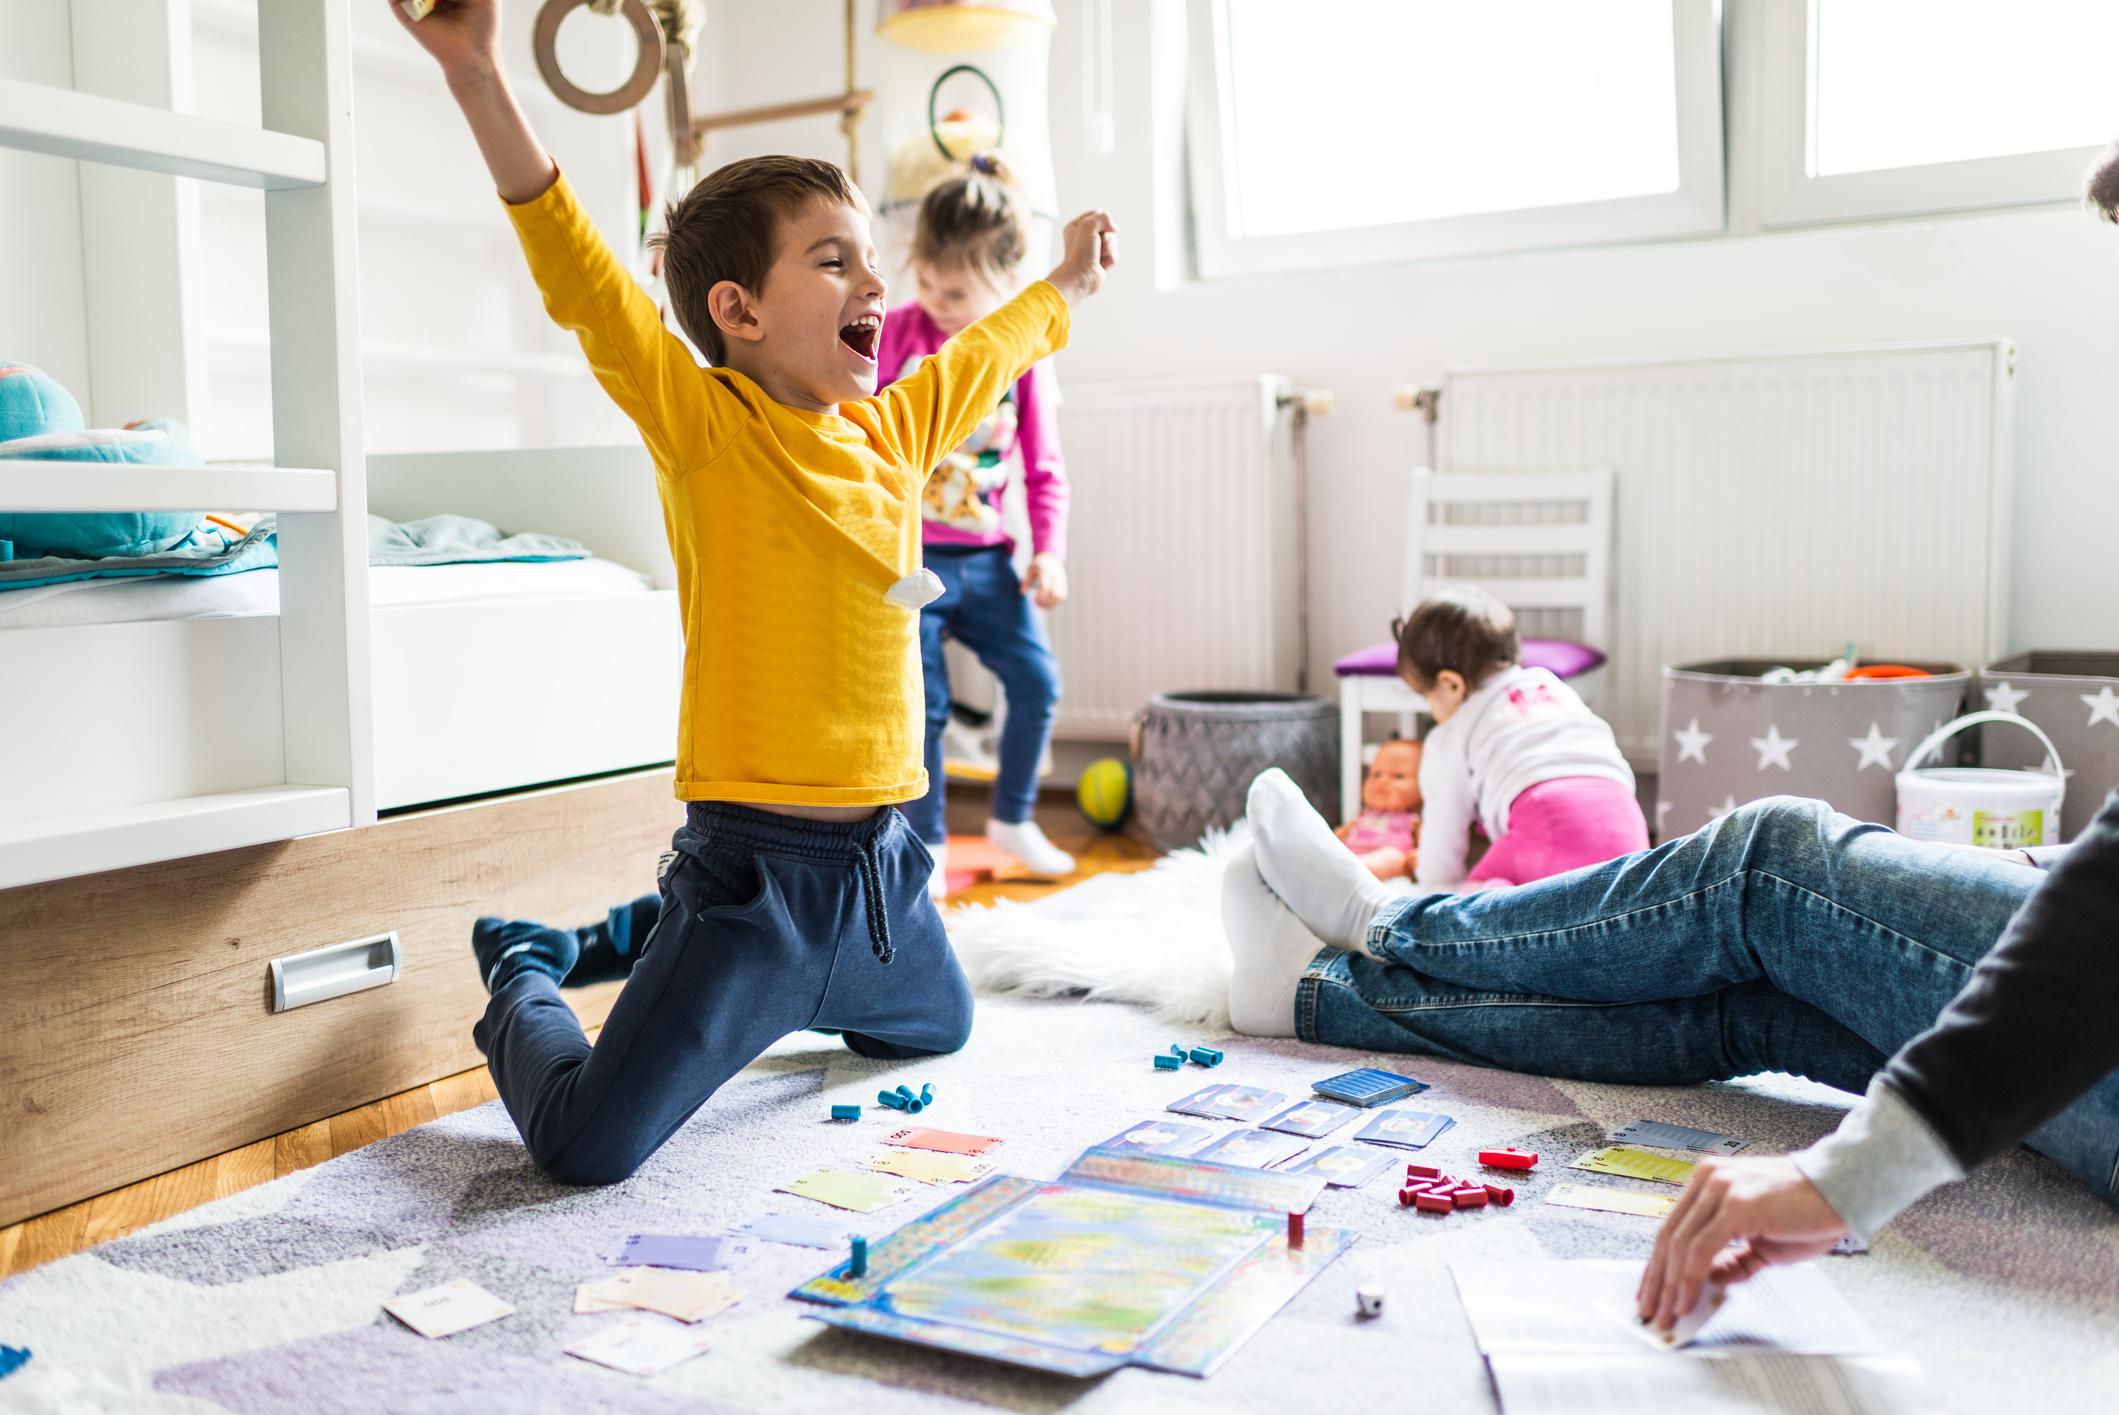 Πανεύκολες ιδέες για να φτιάξεις επιτραπέζια παιχνίδια που θα παίξεις με το παιδί σου